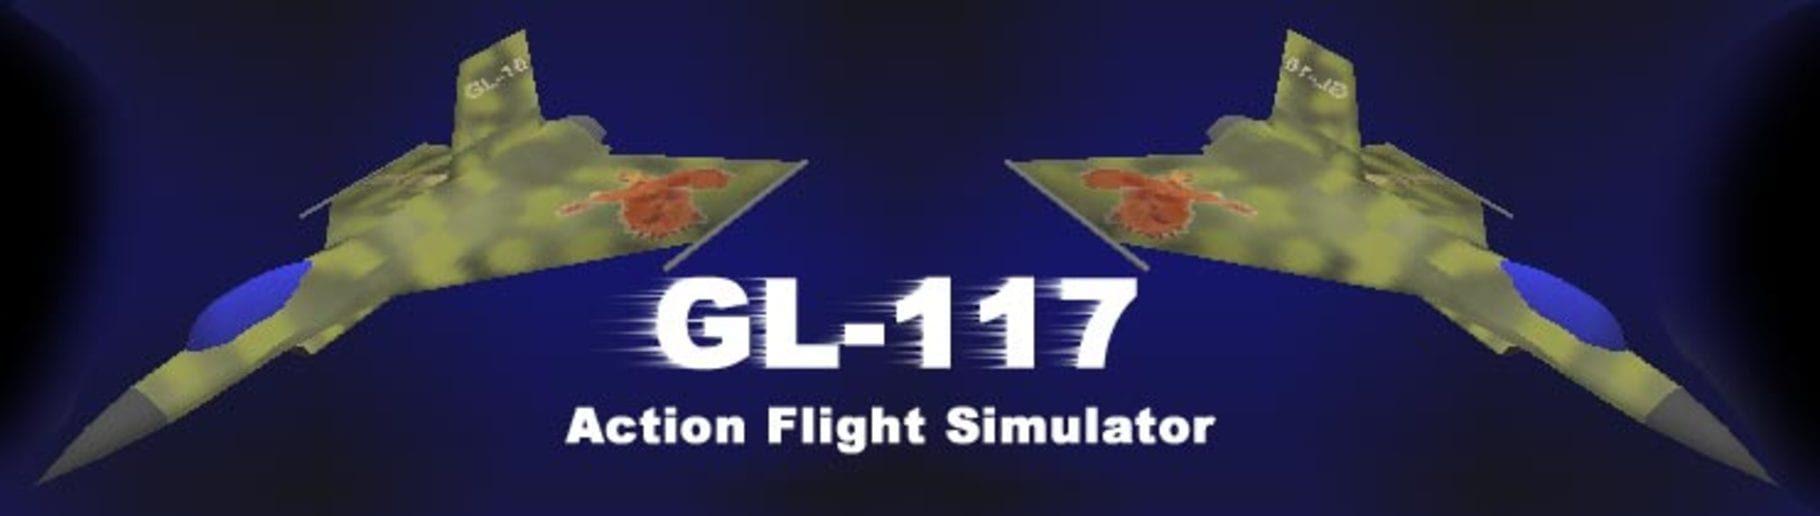 buy GL-117 Action Flight Simulator cd key for all platform